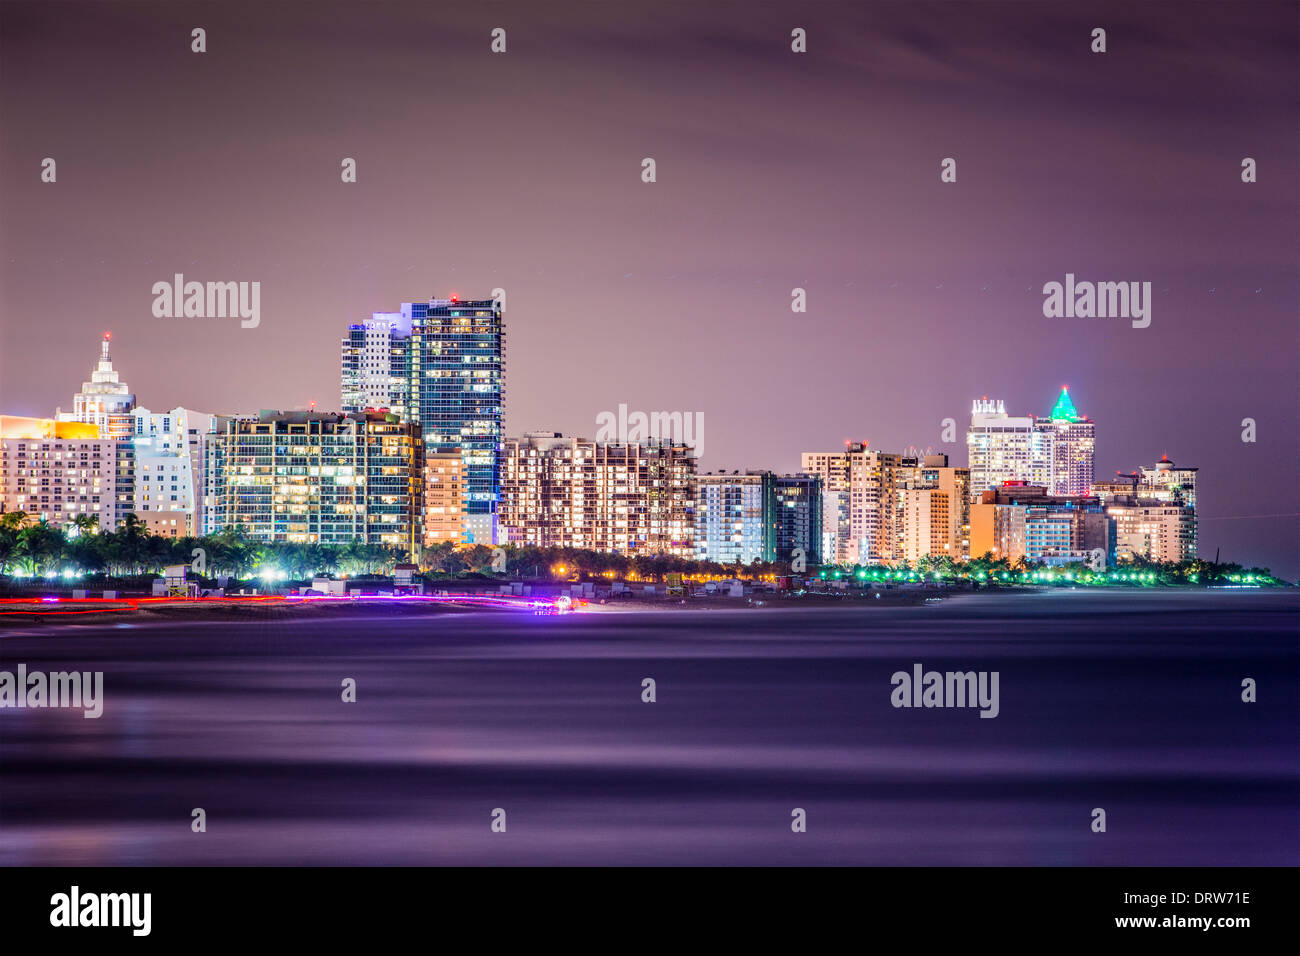 Miami Beach, Floride skyline at night. Photo Stock